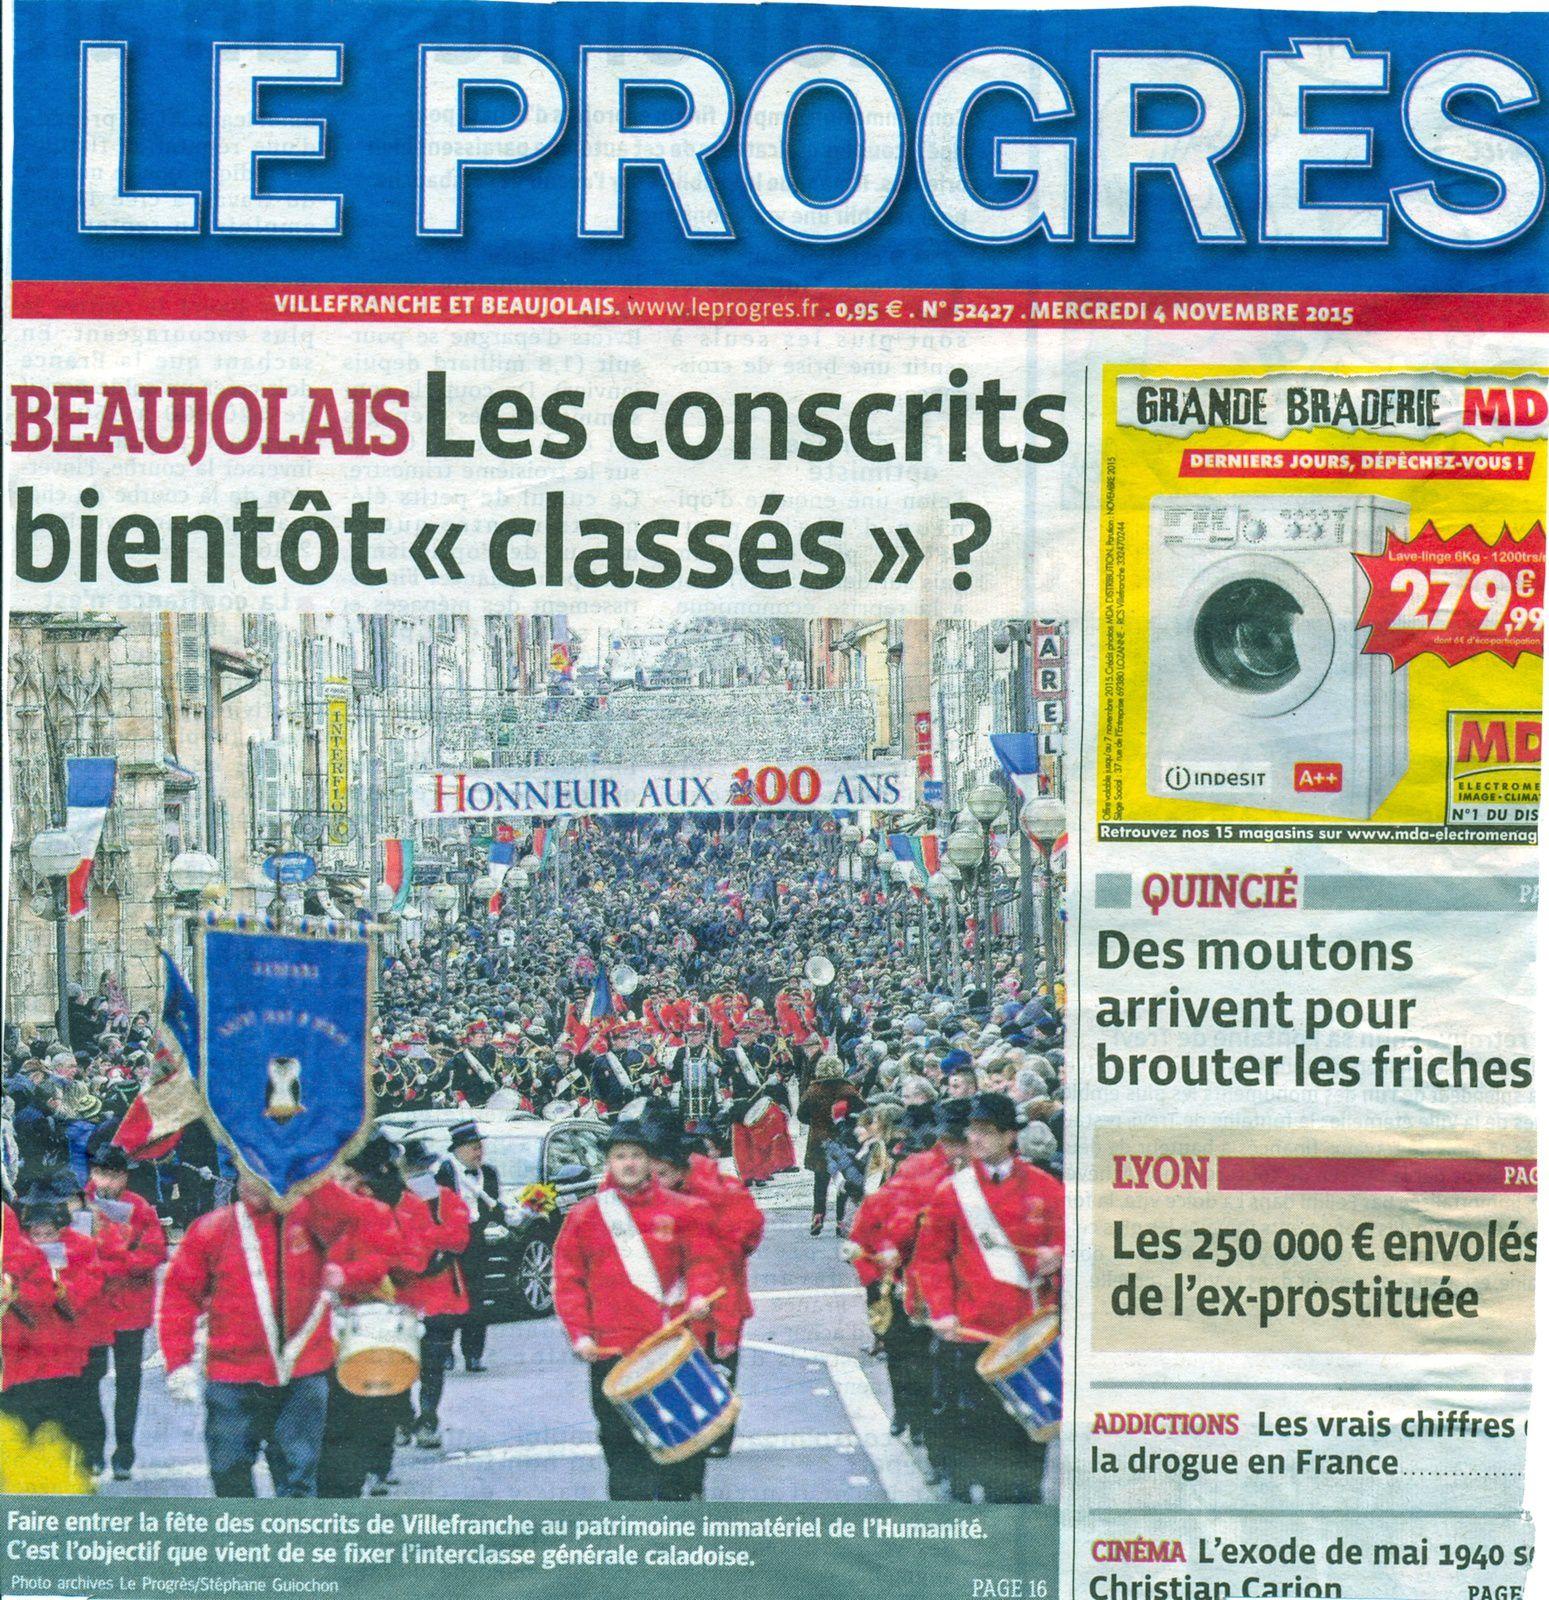 Article du journal Le Progrès du 4 novembre 2015, Gilles-Noël DOMAS